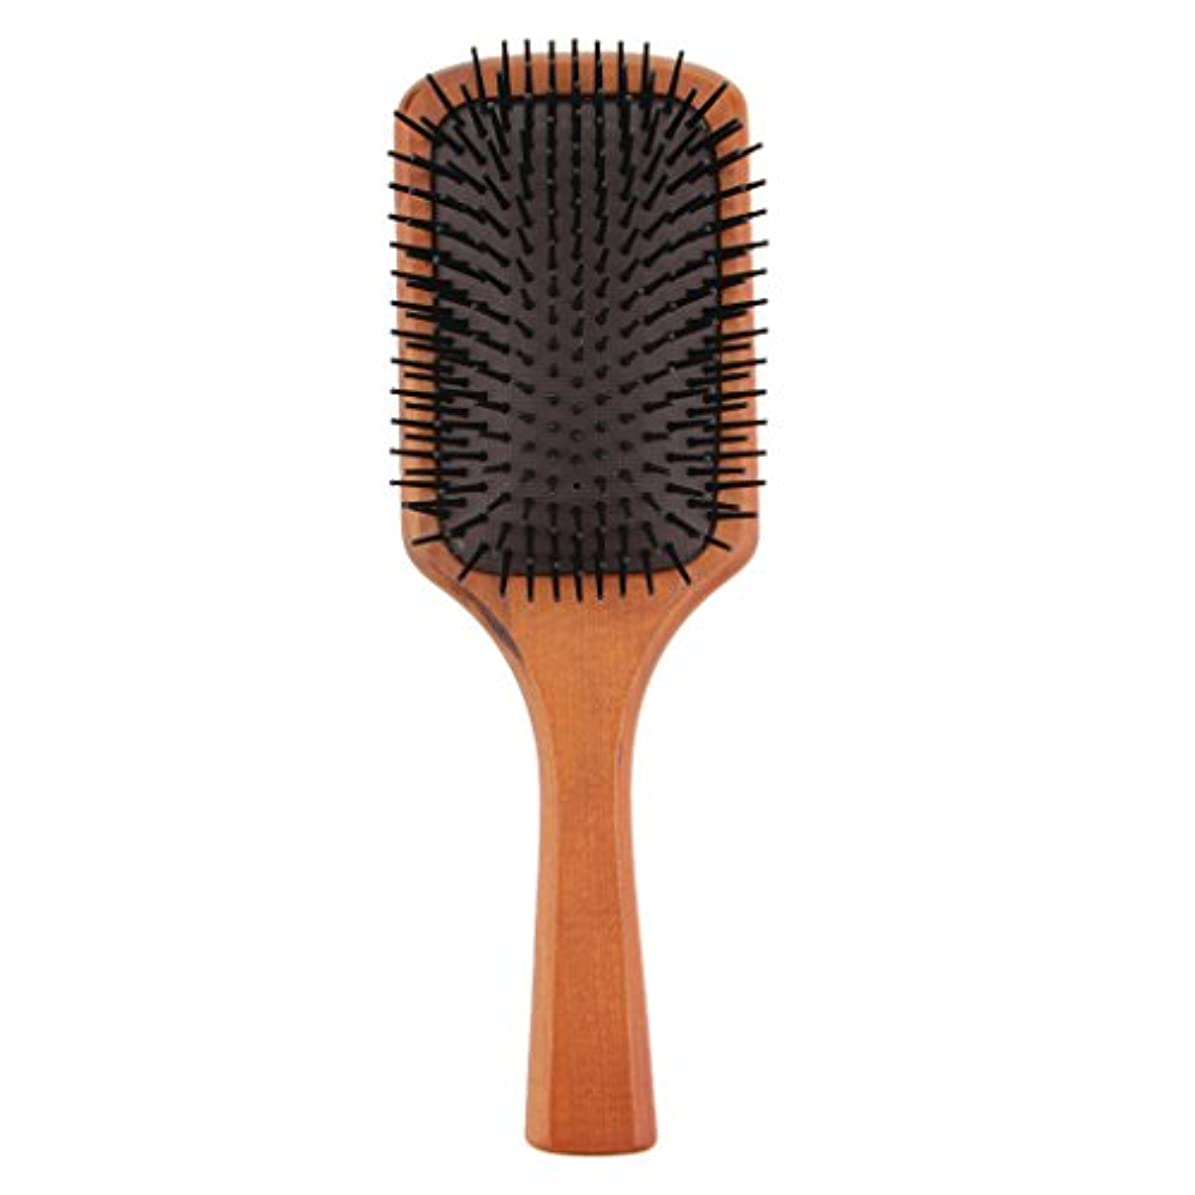 却下する想定する代わりのFenteer 木製櫛 ヘアブラシ 頭皮マッサージ エアクッション 櫛